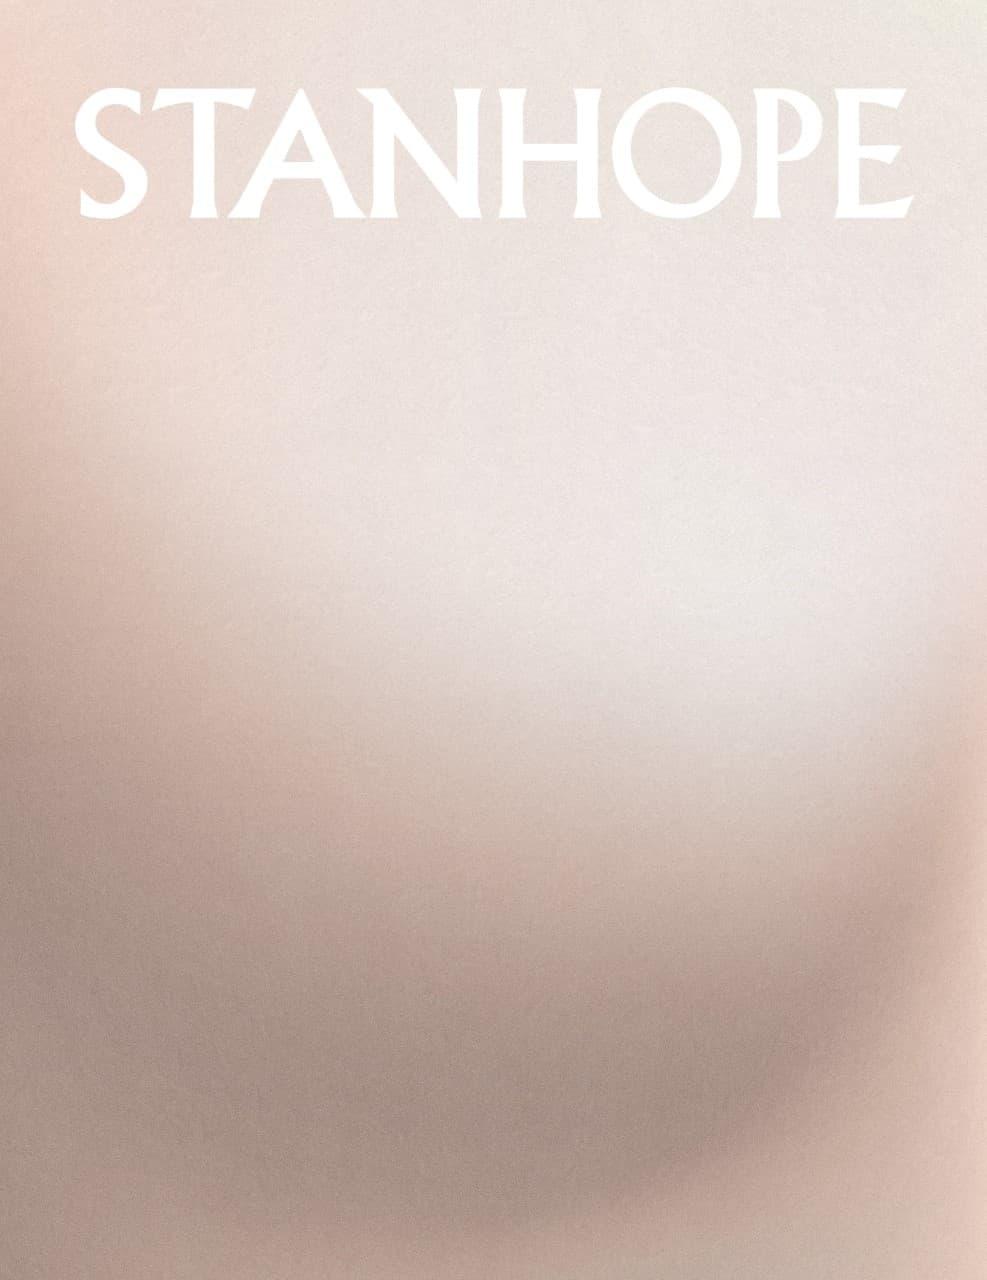 Stanhope, Graphic